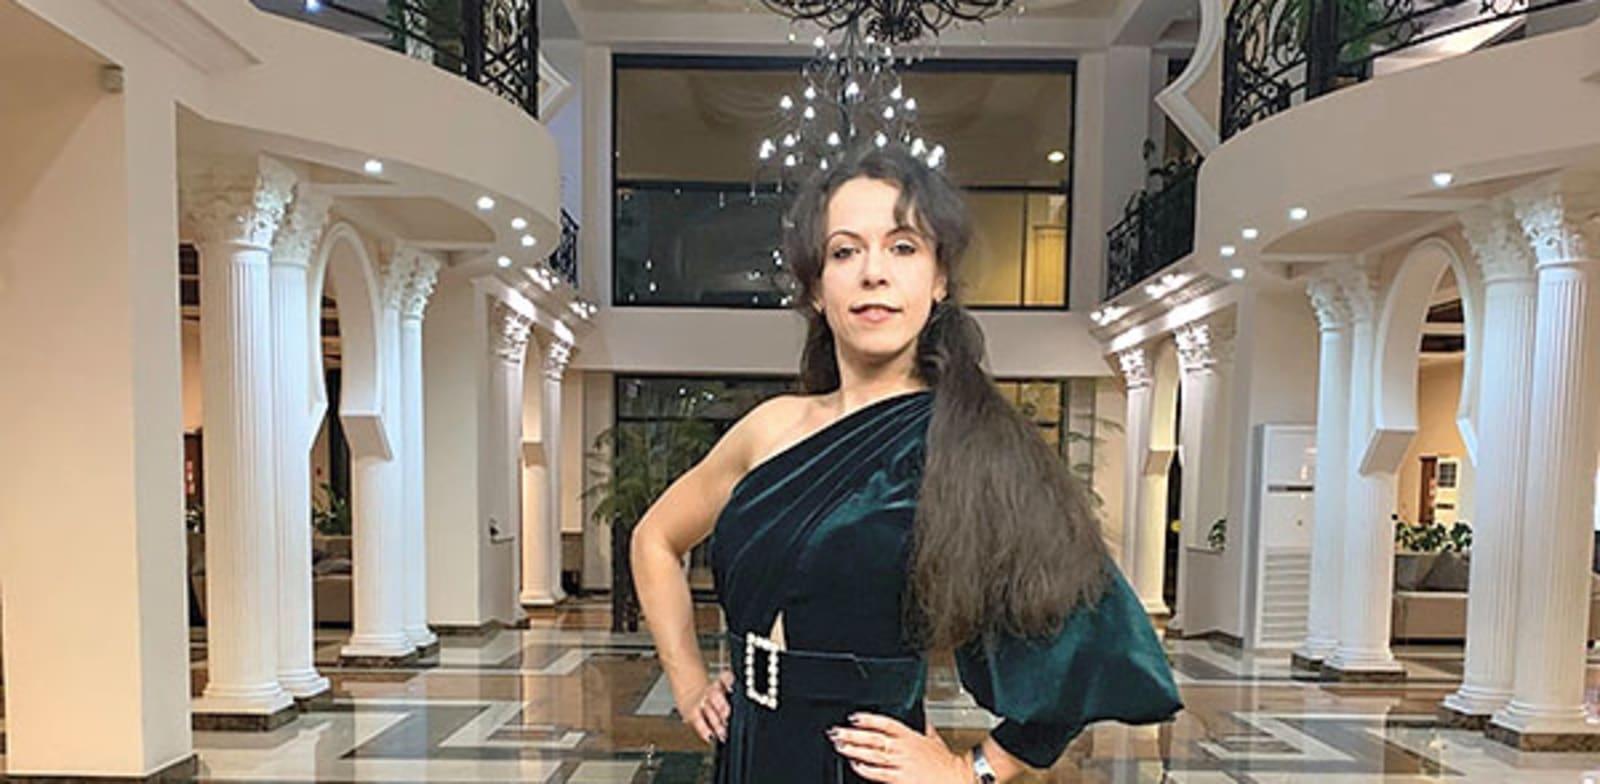 מריה פיגובסקי , הבעלים של רשת EXCLUSIVE לריקודים סלוניים / צילום: דמיטרי סקולסקי